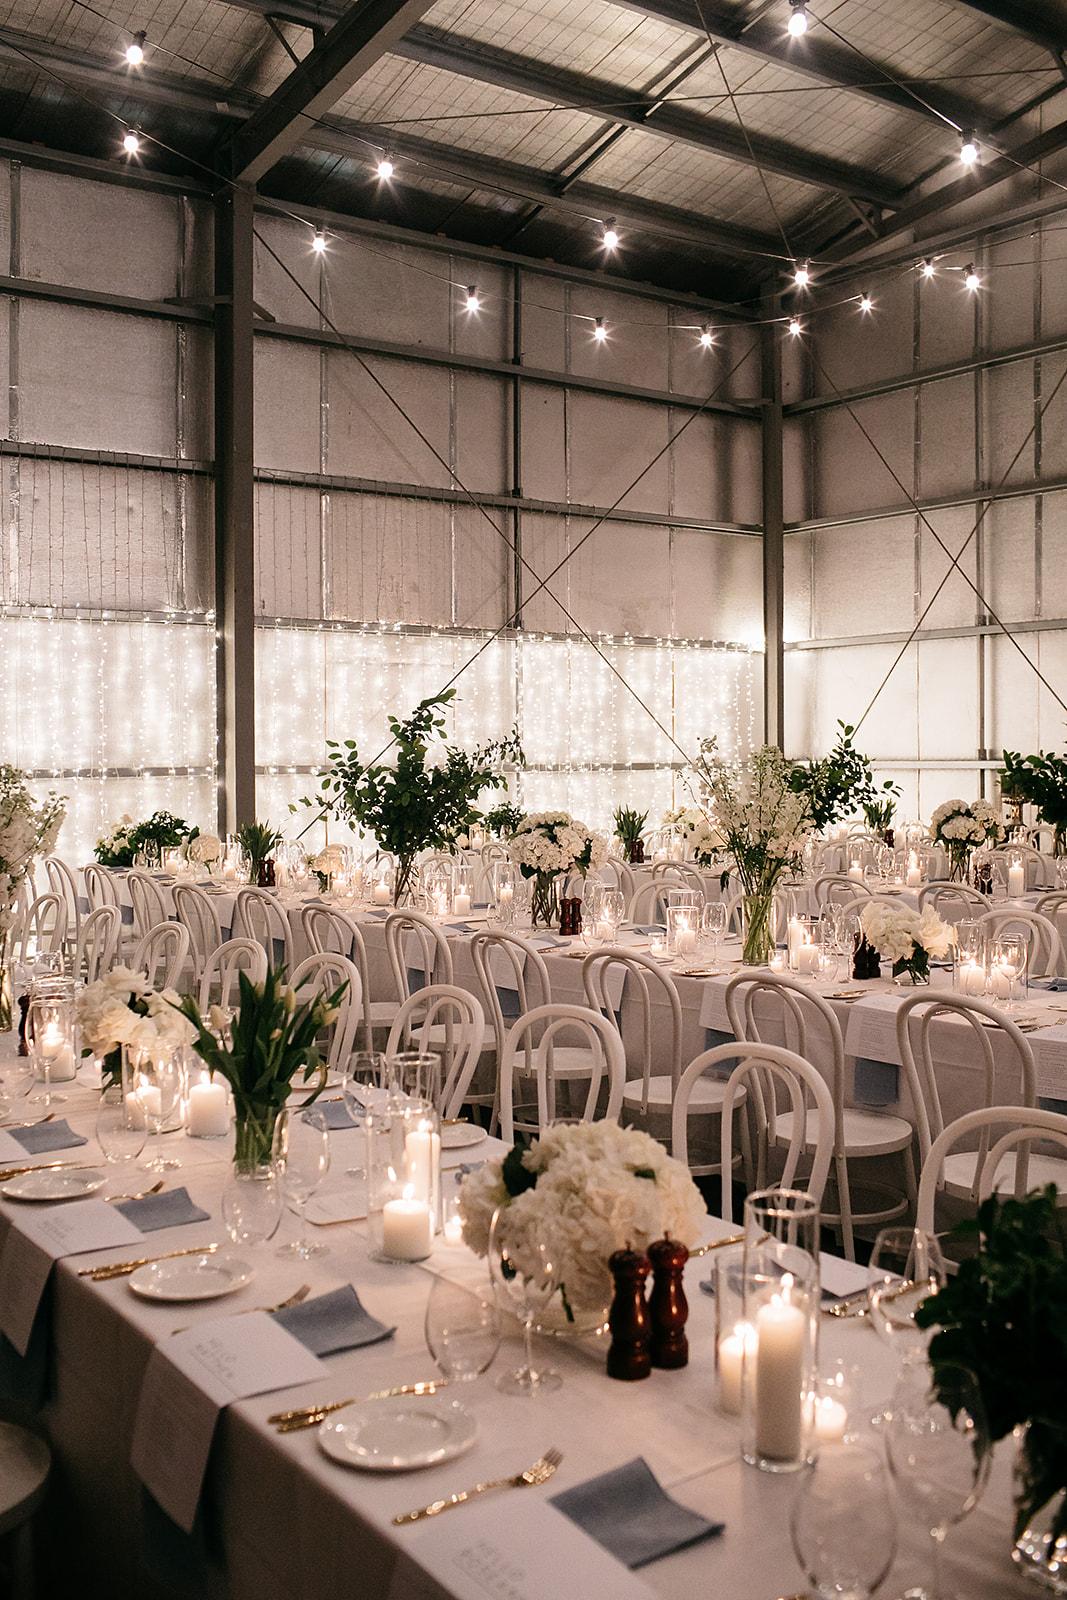 Dancing & Dessert - Melbourne wedding planner and designer